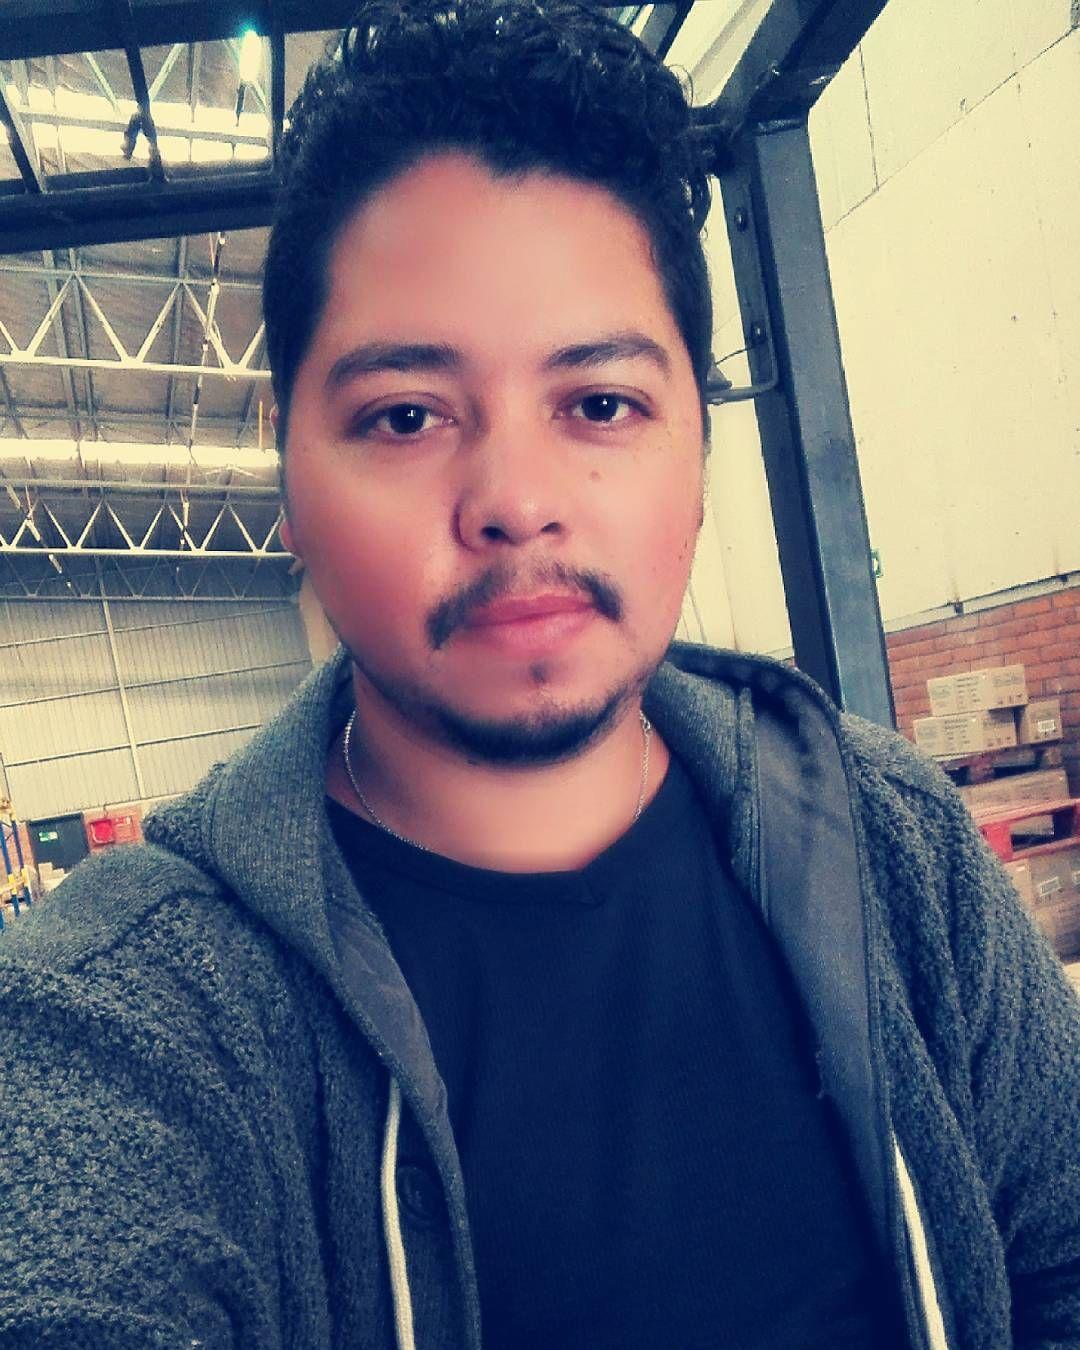 Comenzando el día!! Buena semana a todos!  #Chile #Feliz#LatinoStyle #Rock #Guitar #Argentina #Colombia #Brazil #Seattle #Amor #Trabajo #Latino #BeautyCity #Beer #AgradecidoDeLaVida #Quilicura #Selfie  #Sun  #SunSet #CiudadesDelMundo #Working #GruaHorquilla #BeautifulWorld #Bodega #TuyYoSiempre by michael_hernandez_a